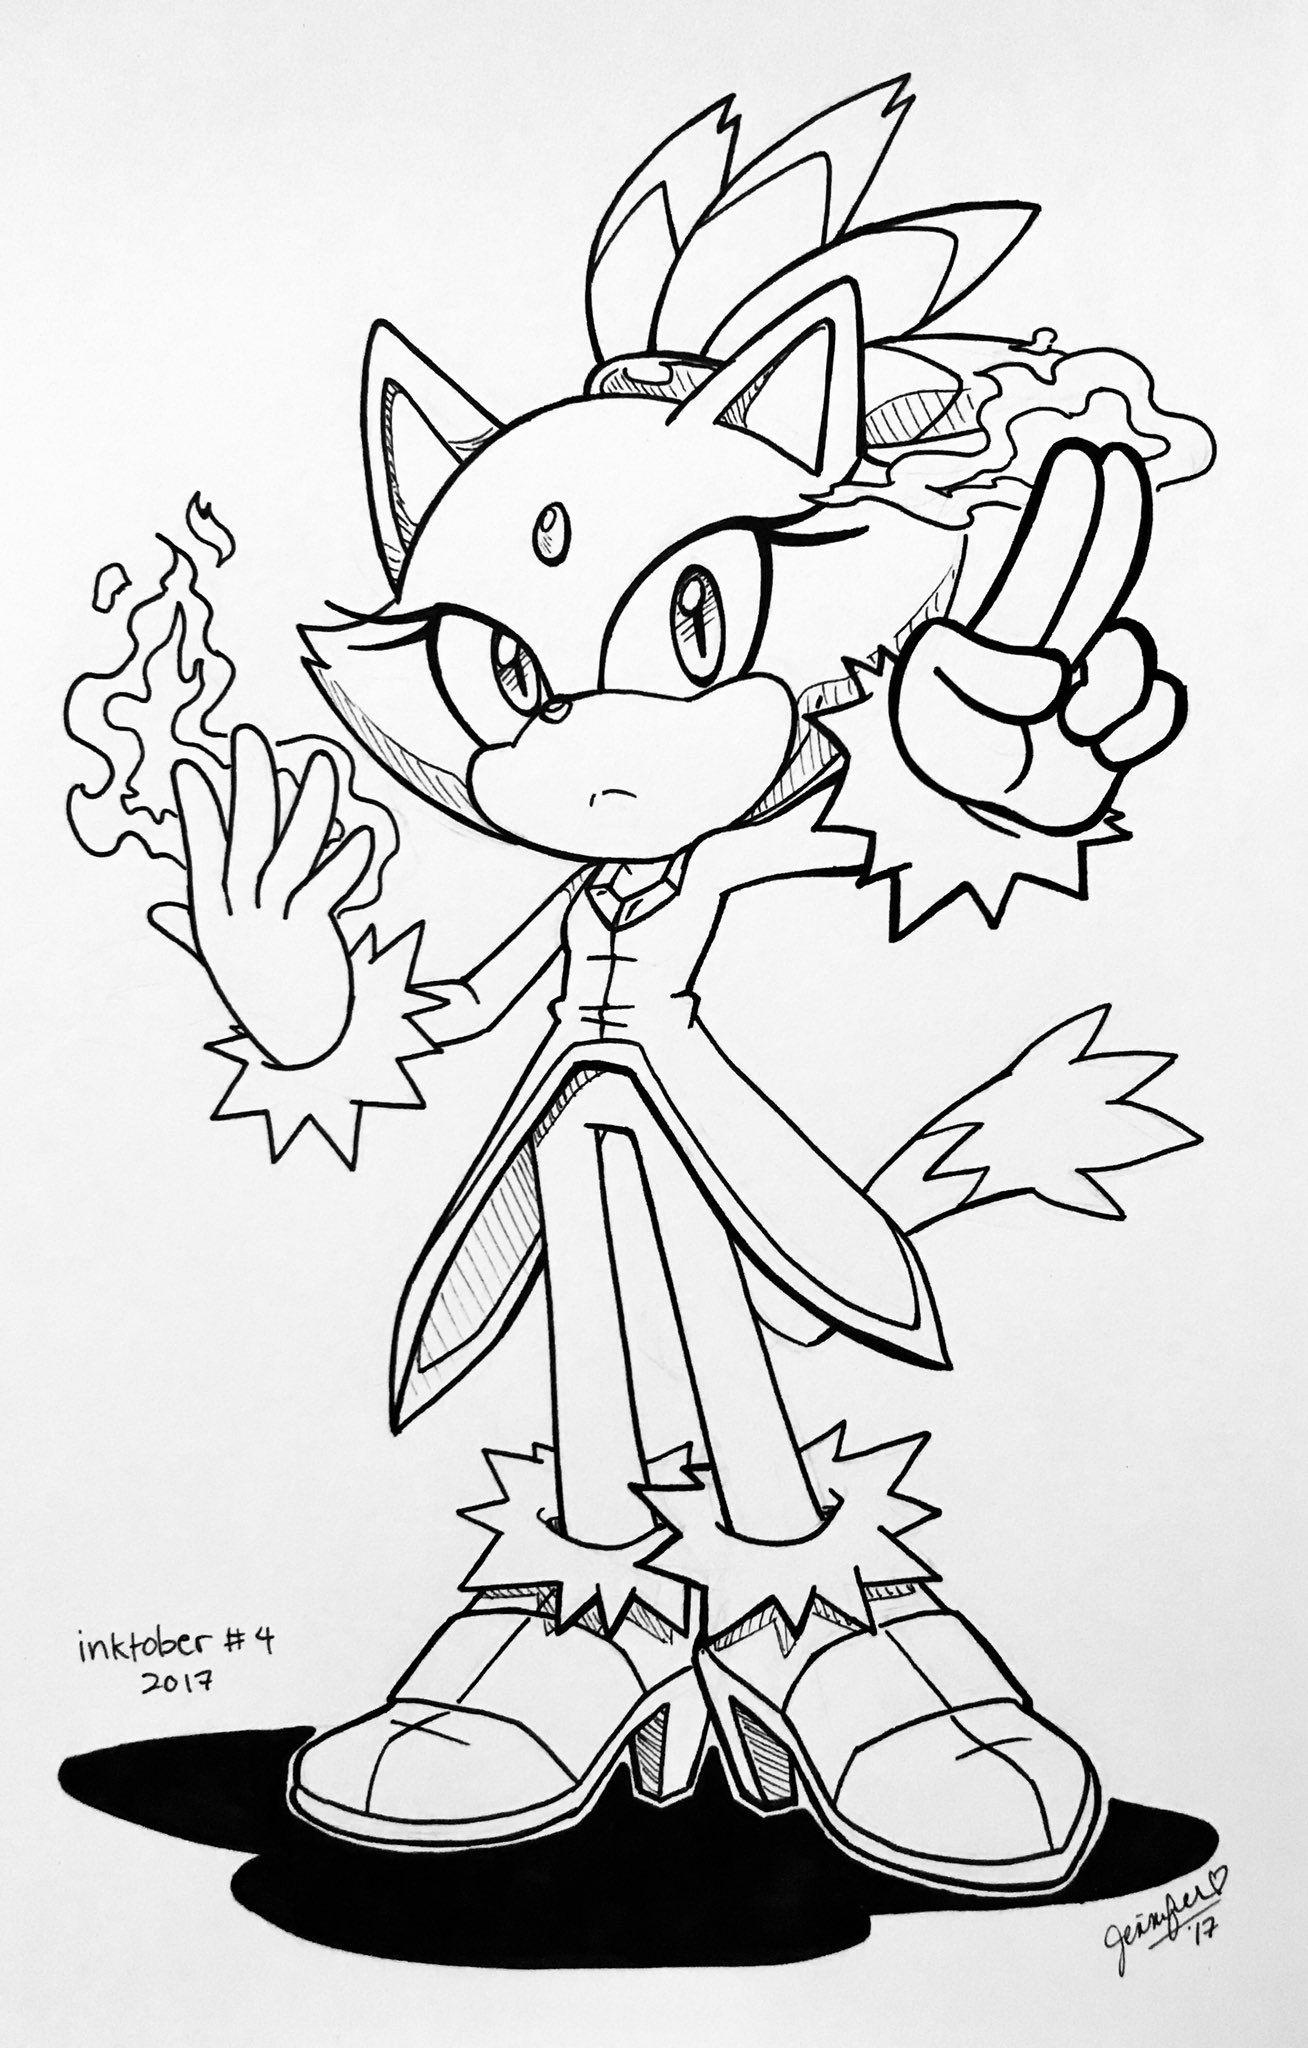 76d5c8251fbd6aa1ef64088e0fb01045 Jpg 1308 2048 Sonic The Hedgehog Sonic Art Sonic